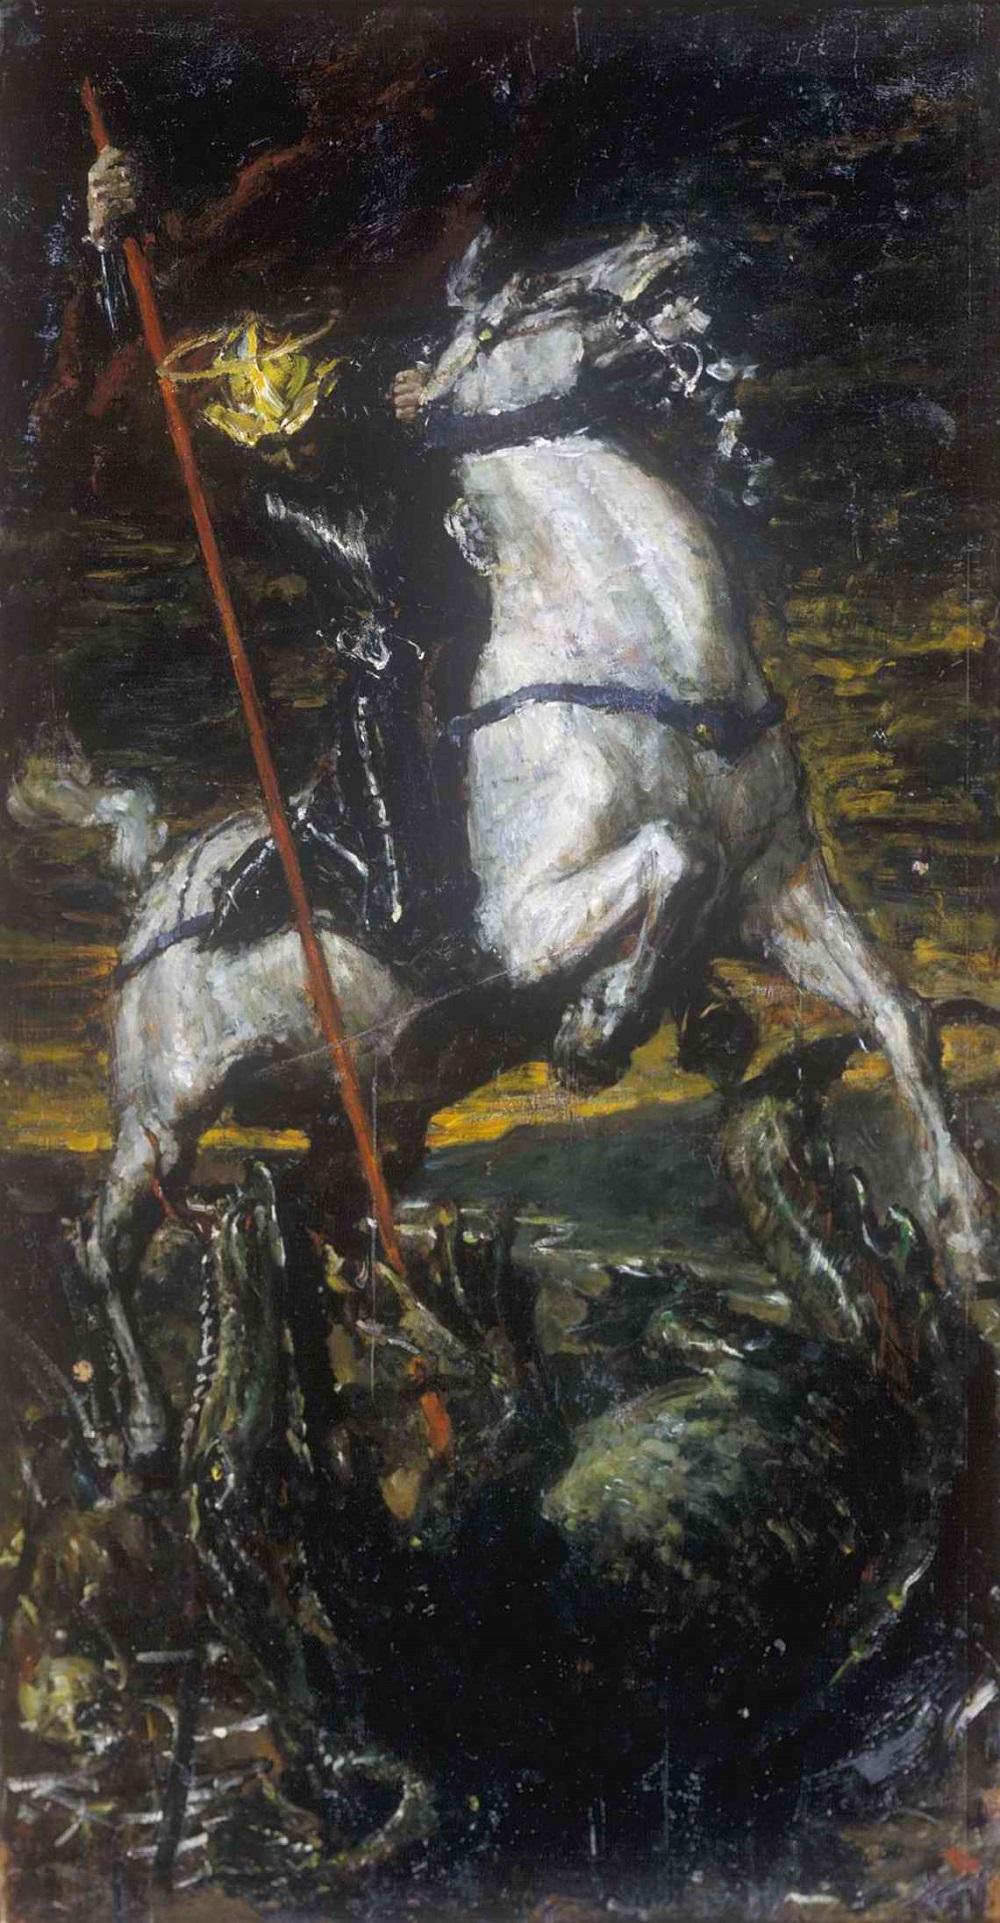 1885 Георгий Победоносец - Валентин Александрович Серов. 1885. Холст, масло. 136х70.jpg